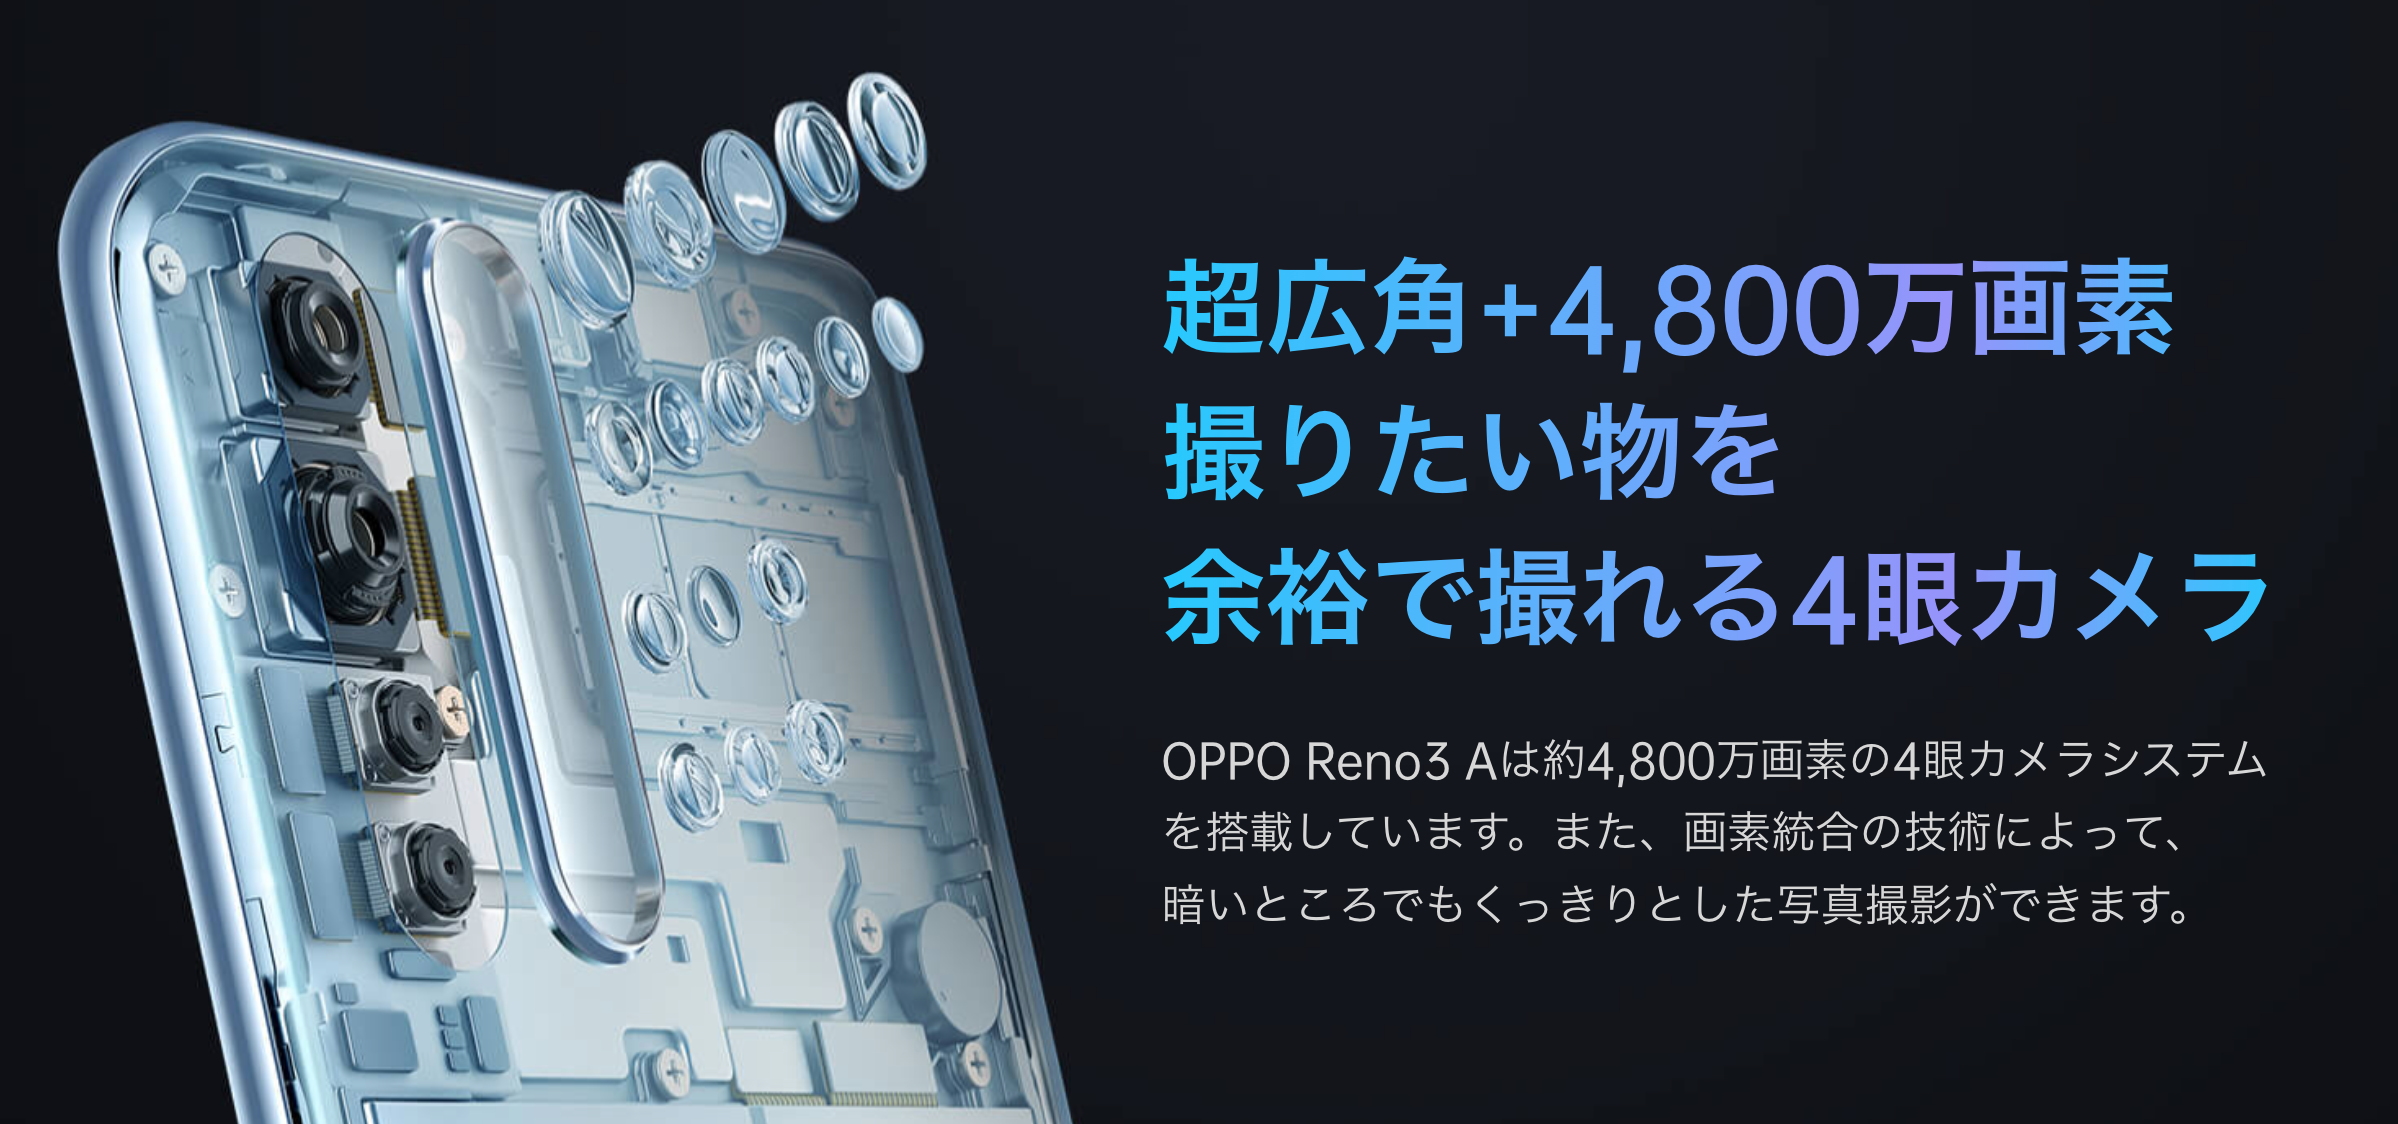 f:id:Azusa_Hirano:20201208114856p:plain